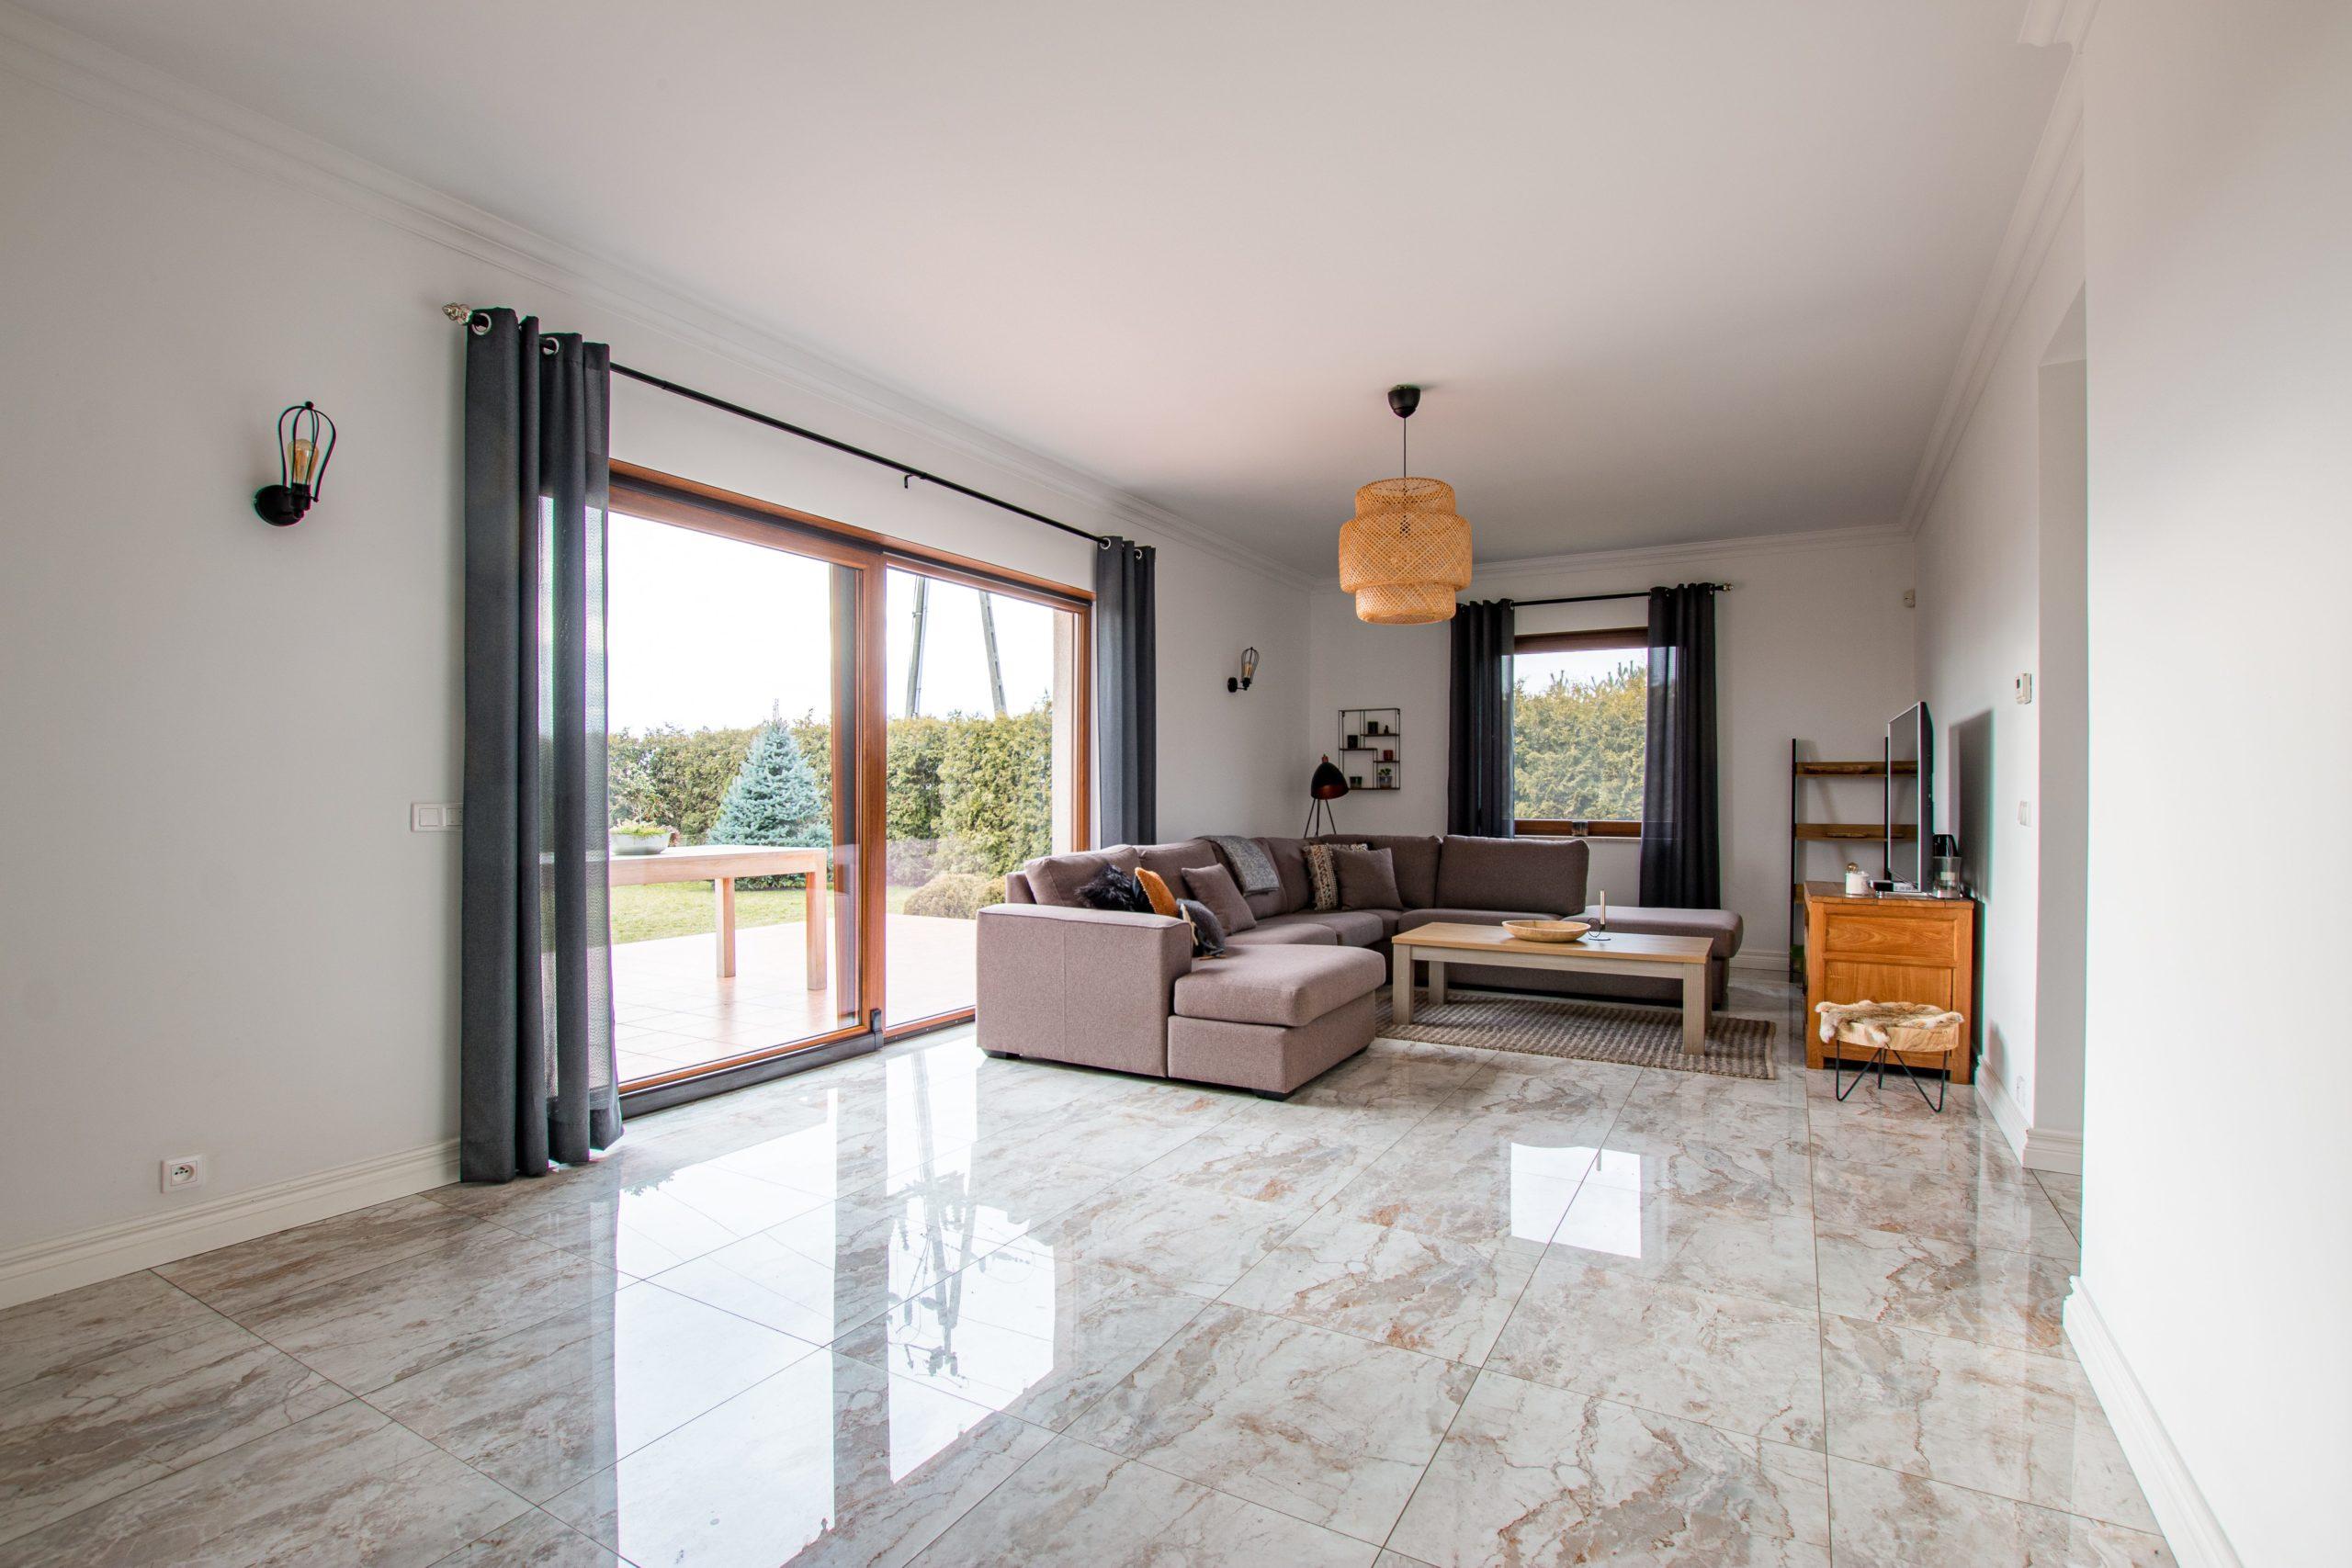 Nowoczesny, zadbany i niezwykle jasny dom (5 pokoi) 220 m2 w Więckowicach NA SPRZEDAŻ